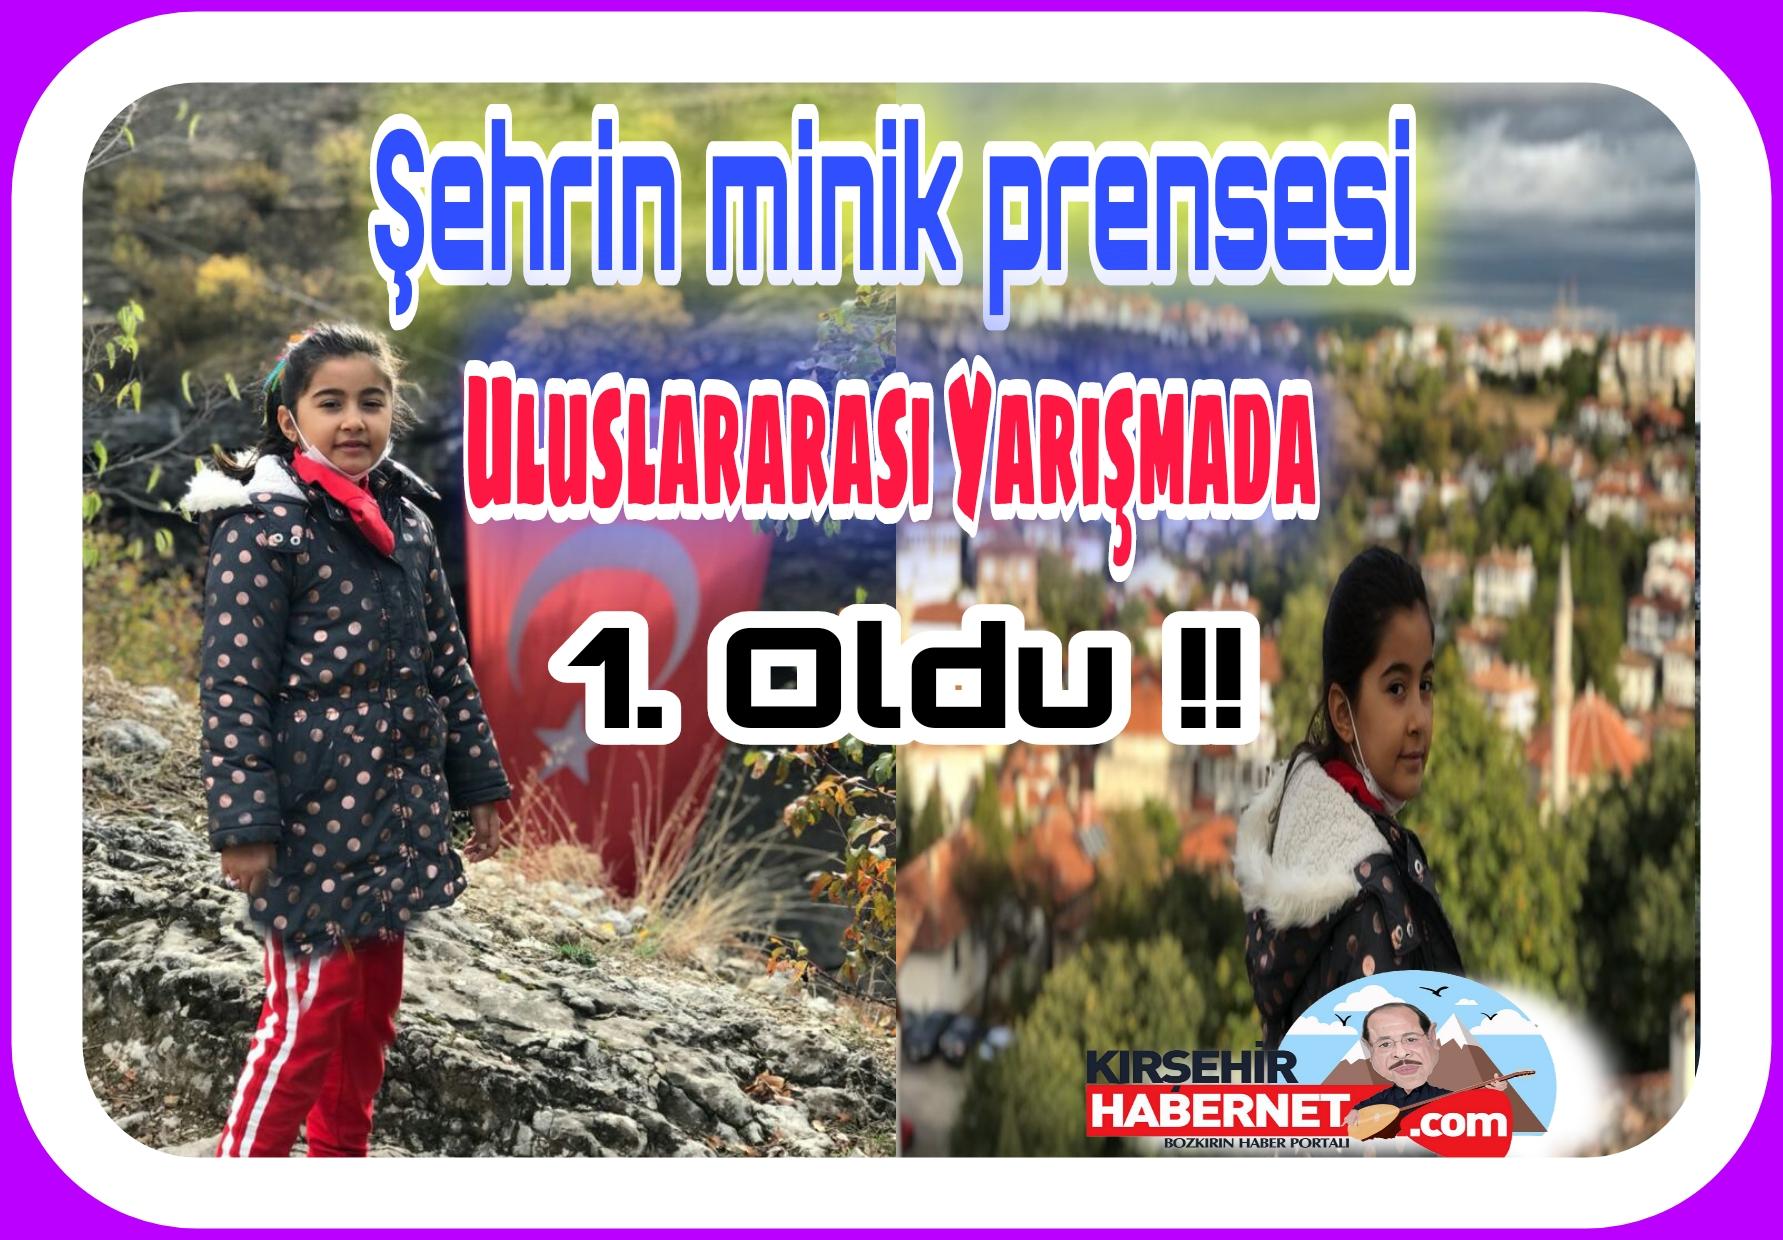 NİL DAMLA YAĞMUR 1. OLDU !!